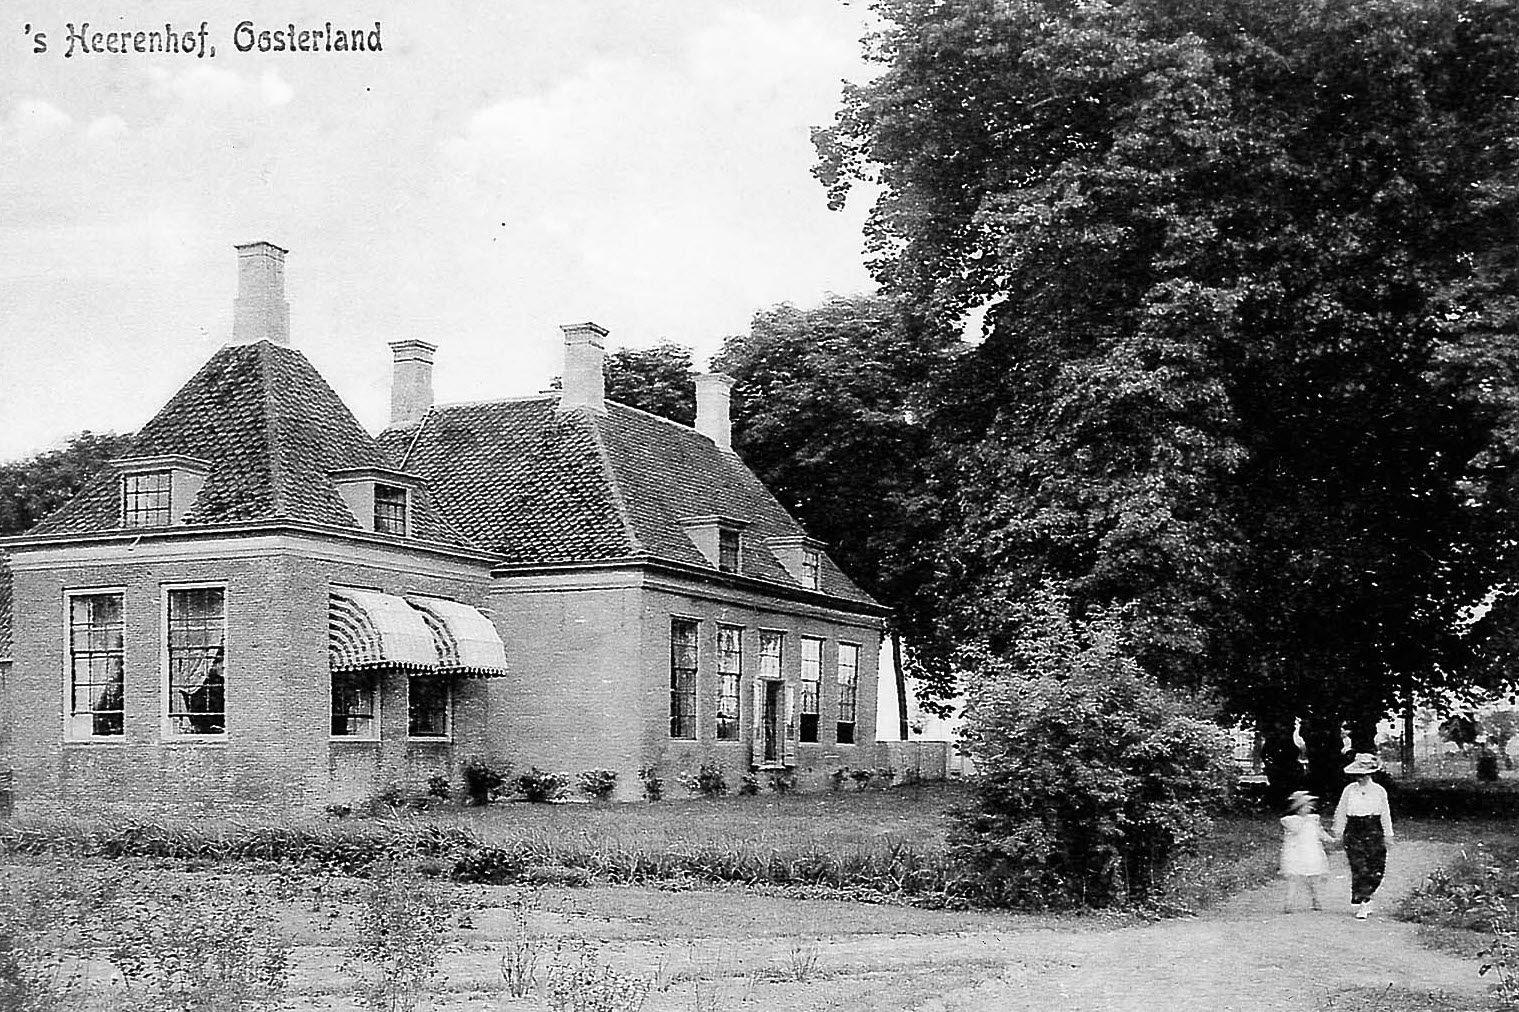 Heerenhof in Oosterland, omstreeks 1925. Prentbriefkaart. (Beeldbank Gemeentearchief Schouwen-Duiveland)